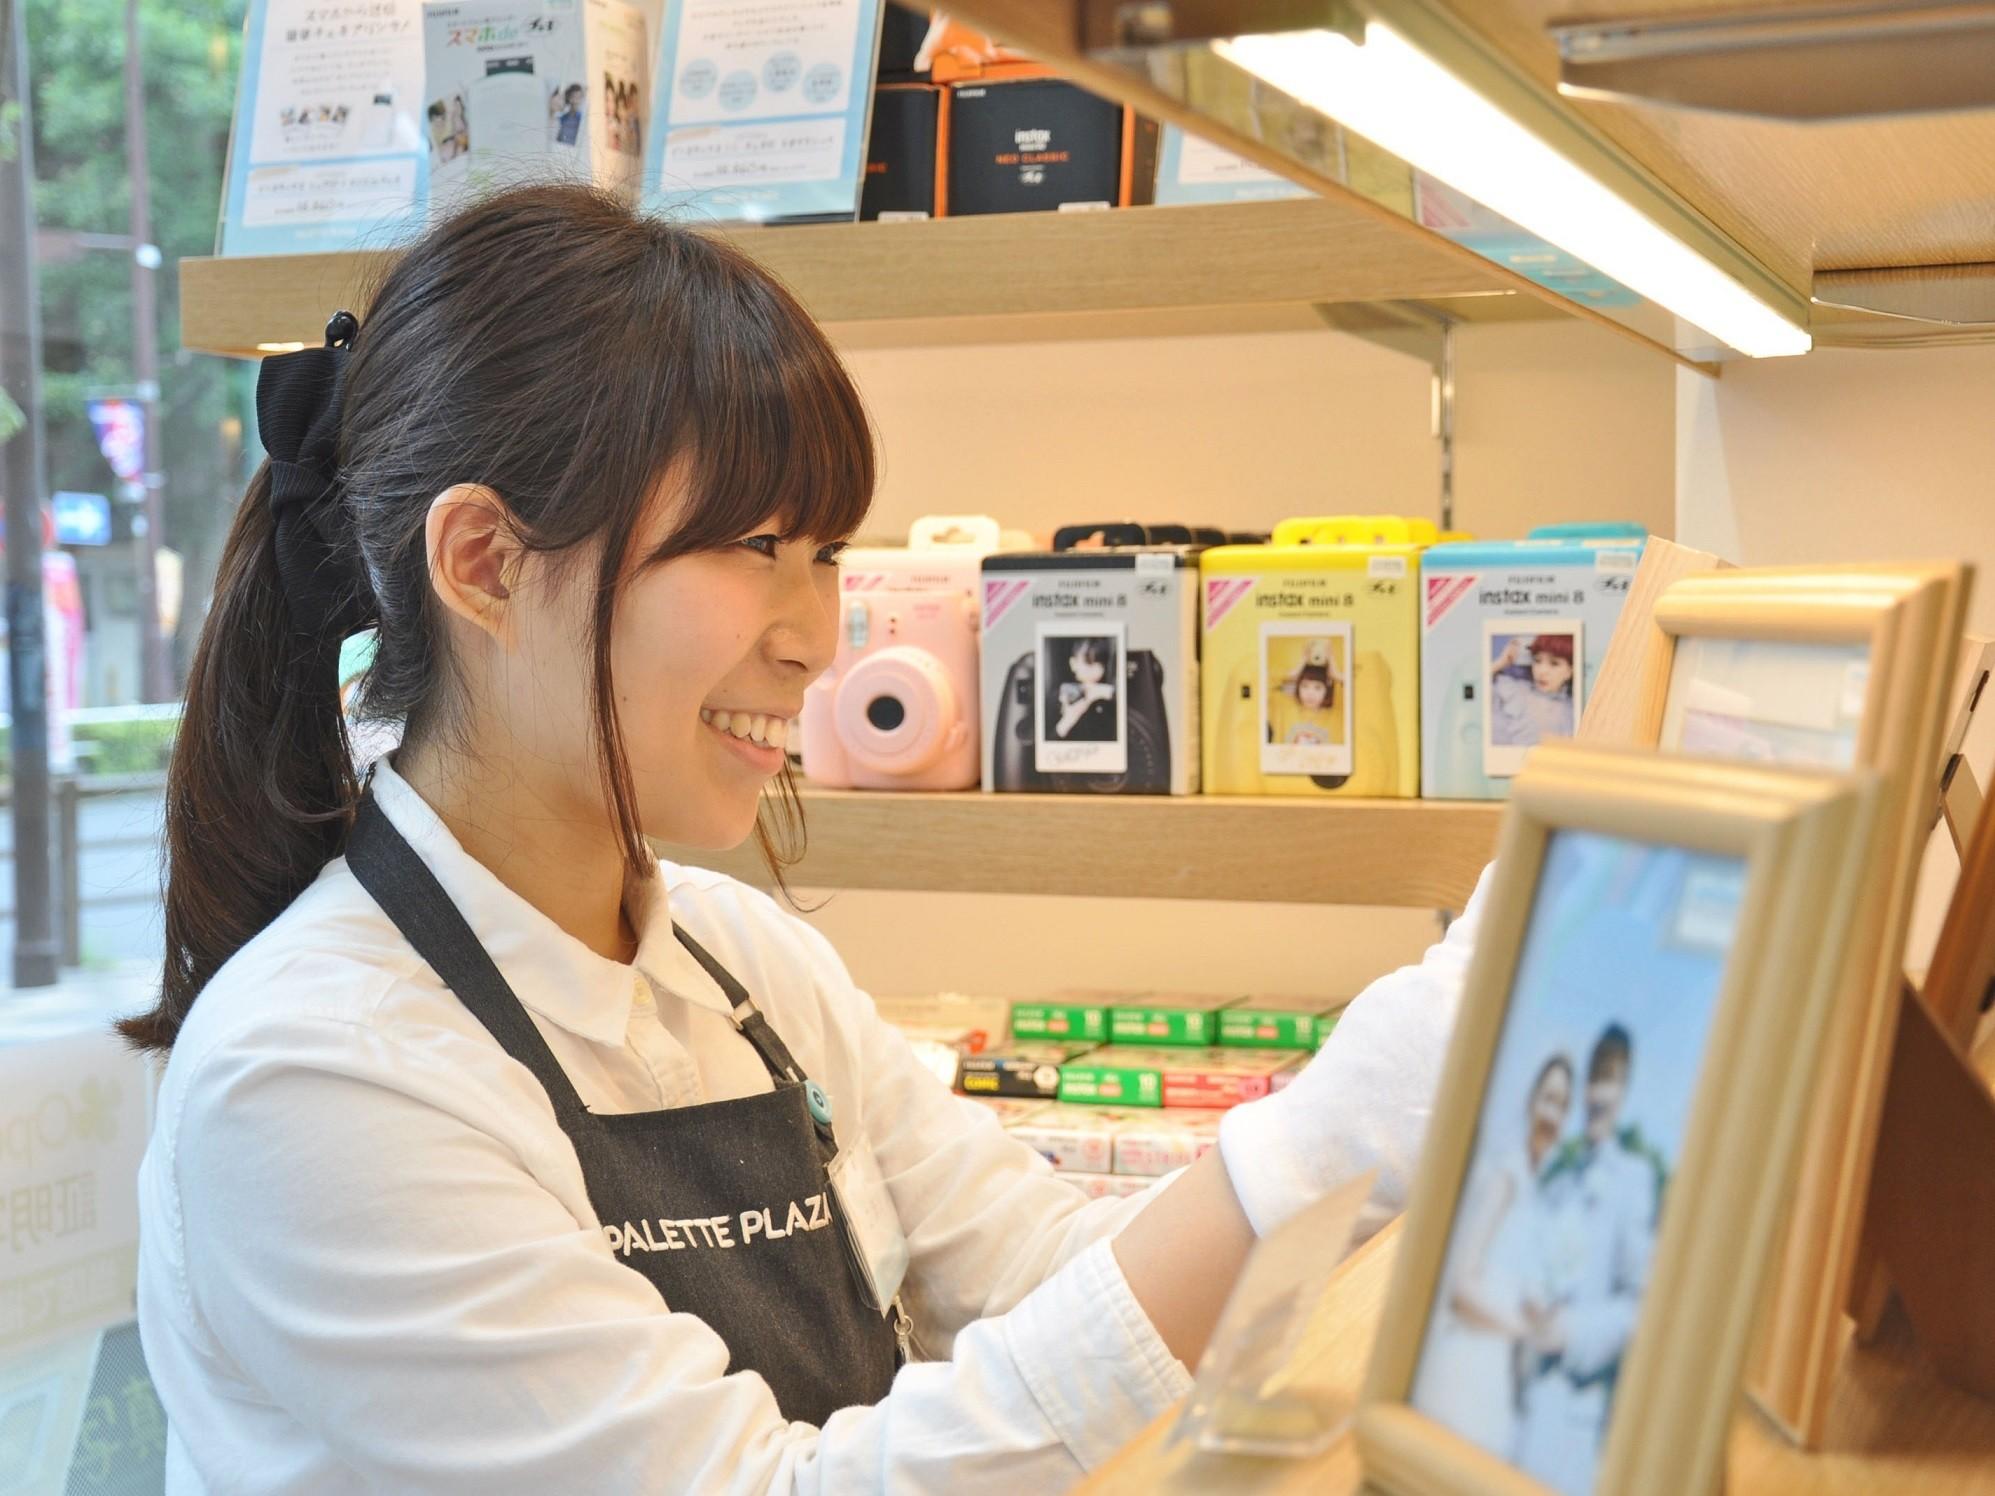 パレットプラザ 十条店 のアルバイト情報